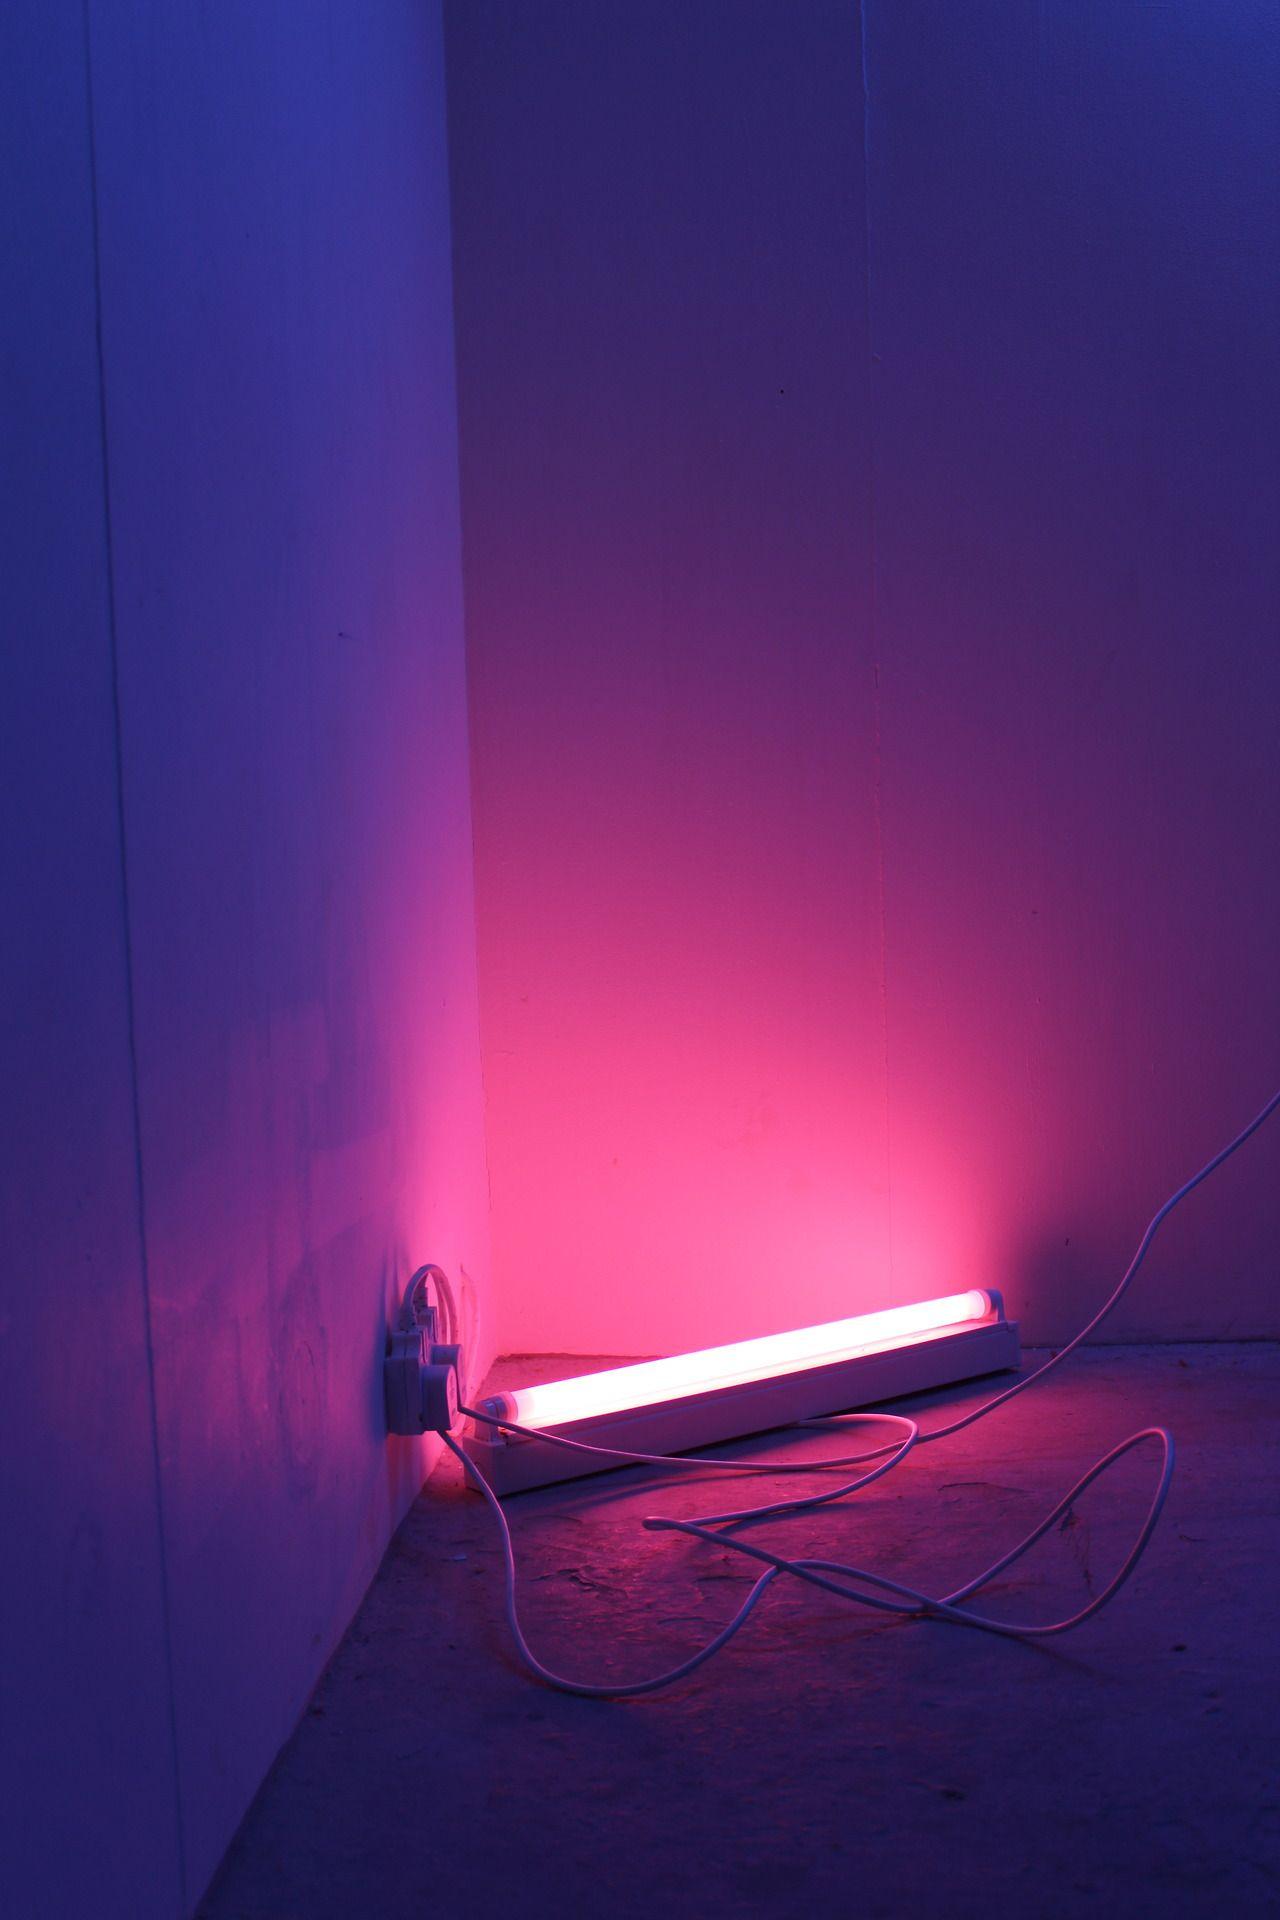 Dark Pink Aesthetic Neon